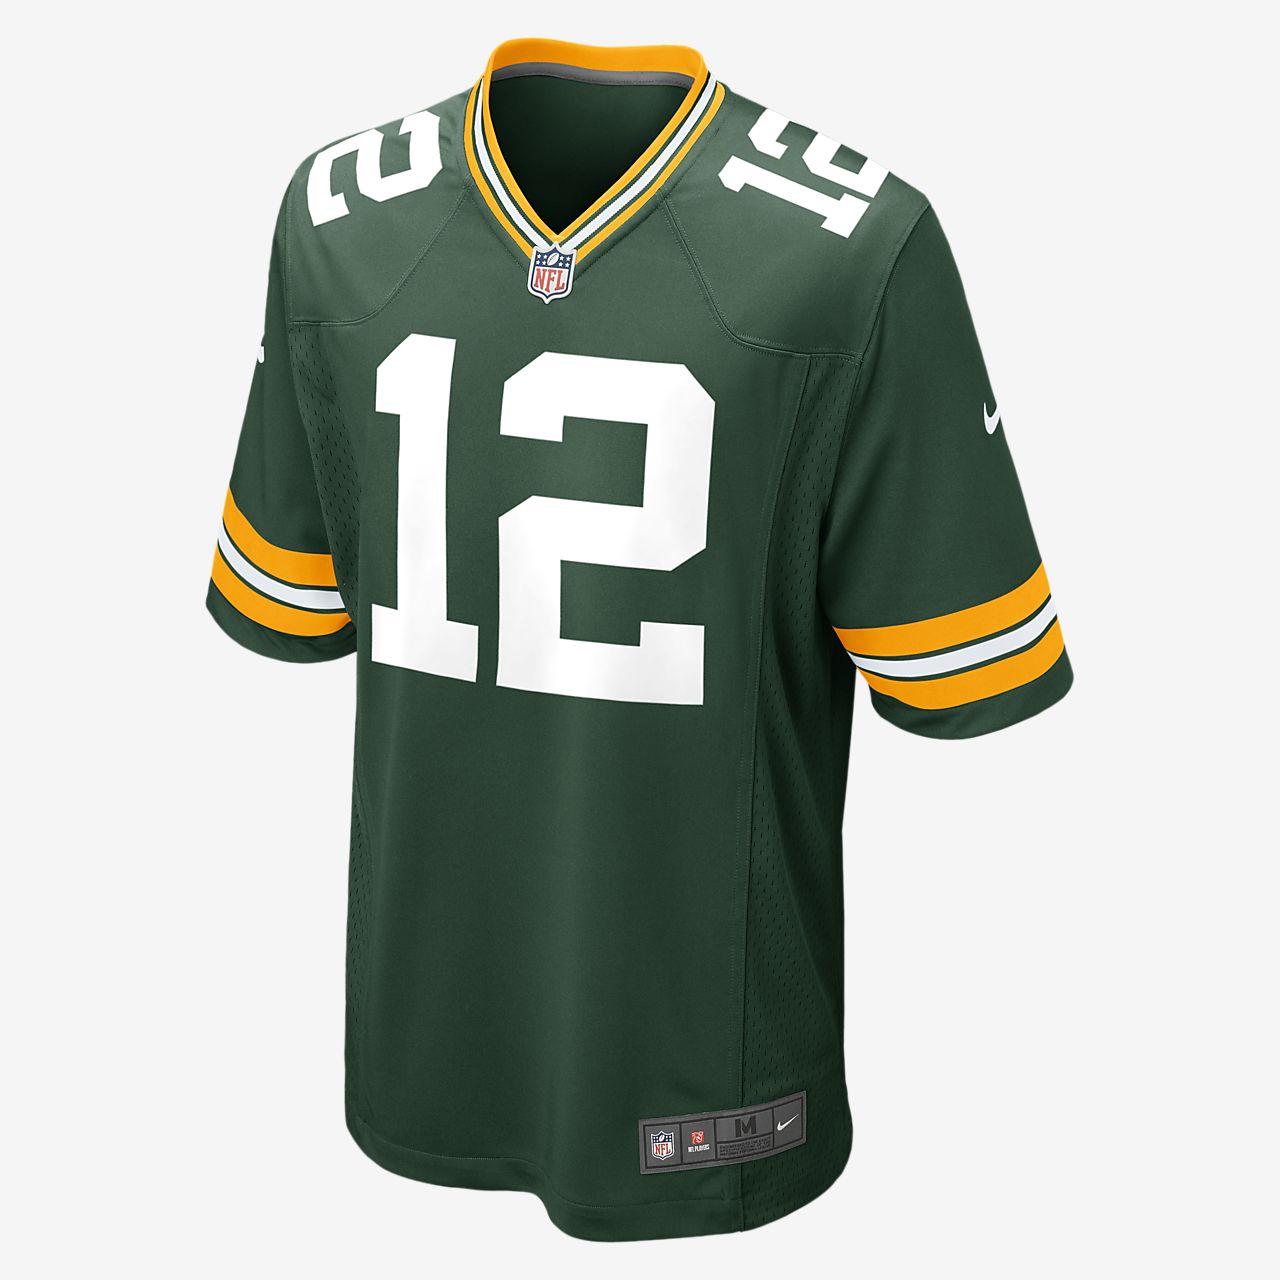 NFL Green Bay Packers (Aaron Rodgers) hjemmedrakt til amerikansk fotball for herre